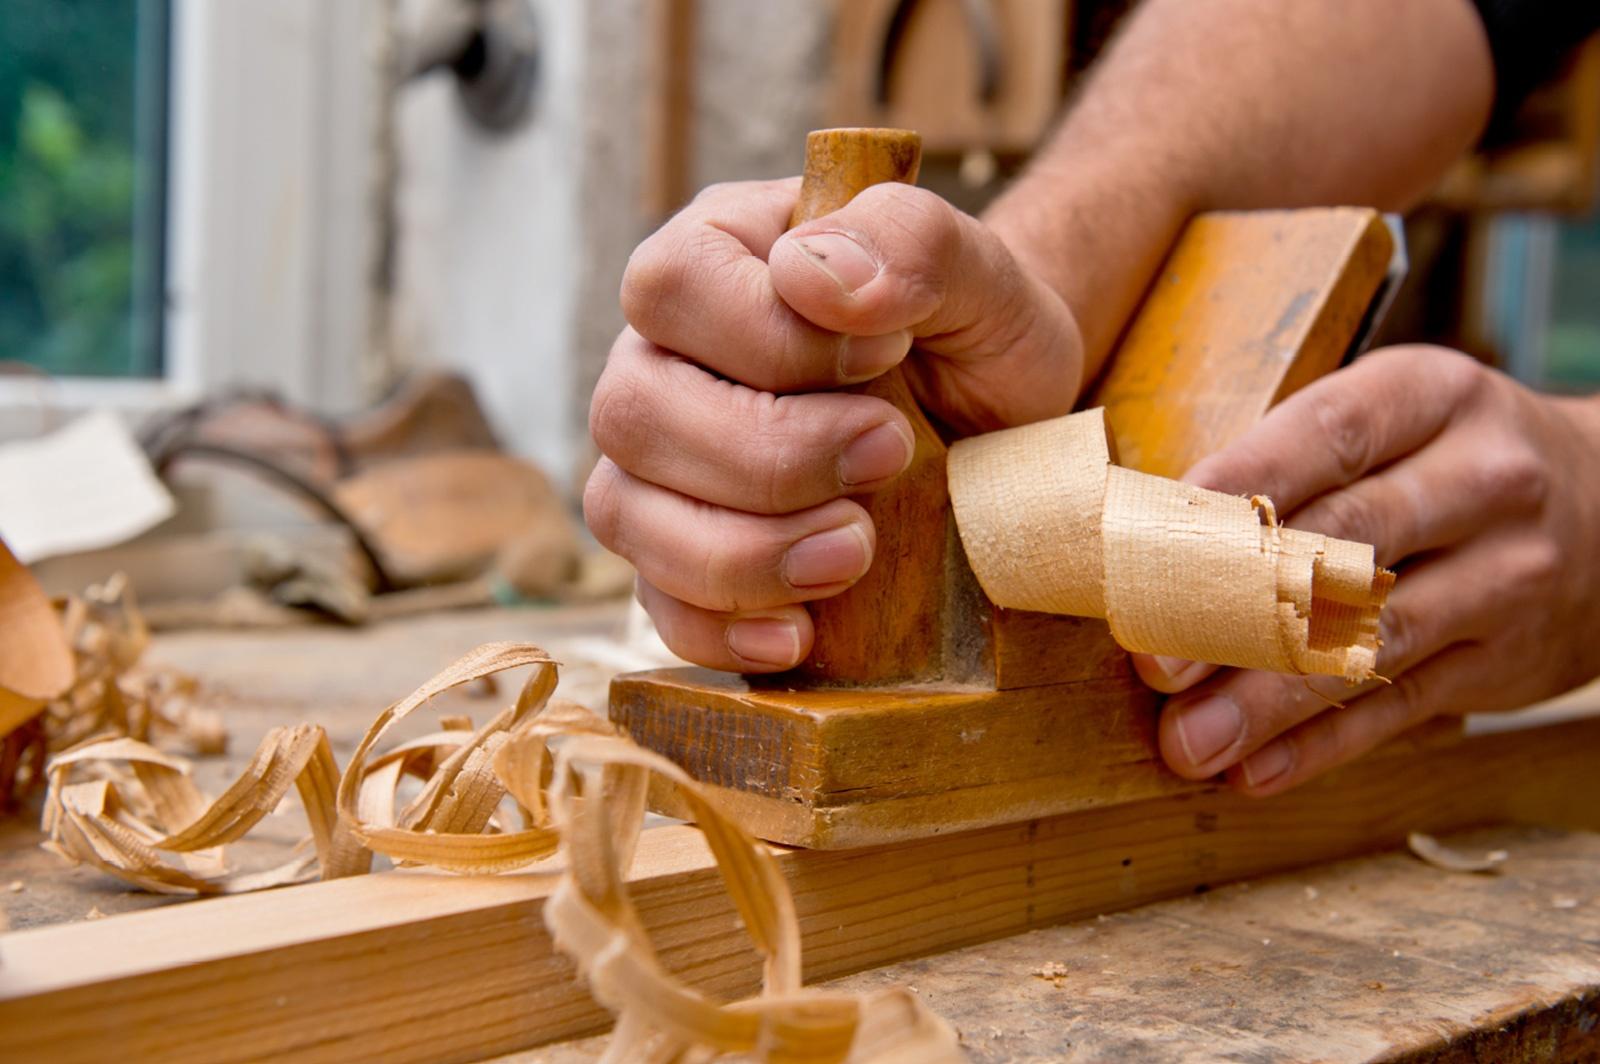 Столярная мастерская своими руками: ожидания и реальность - 9